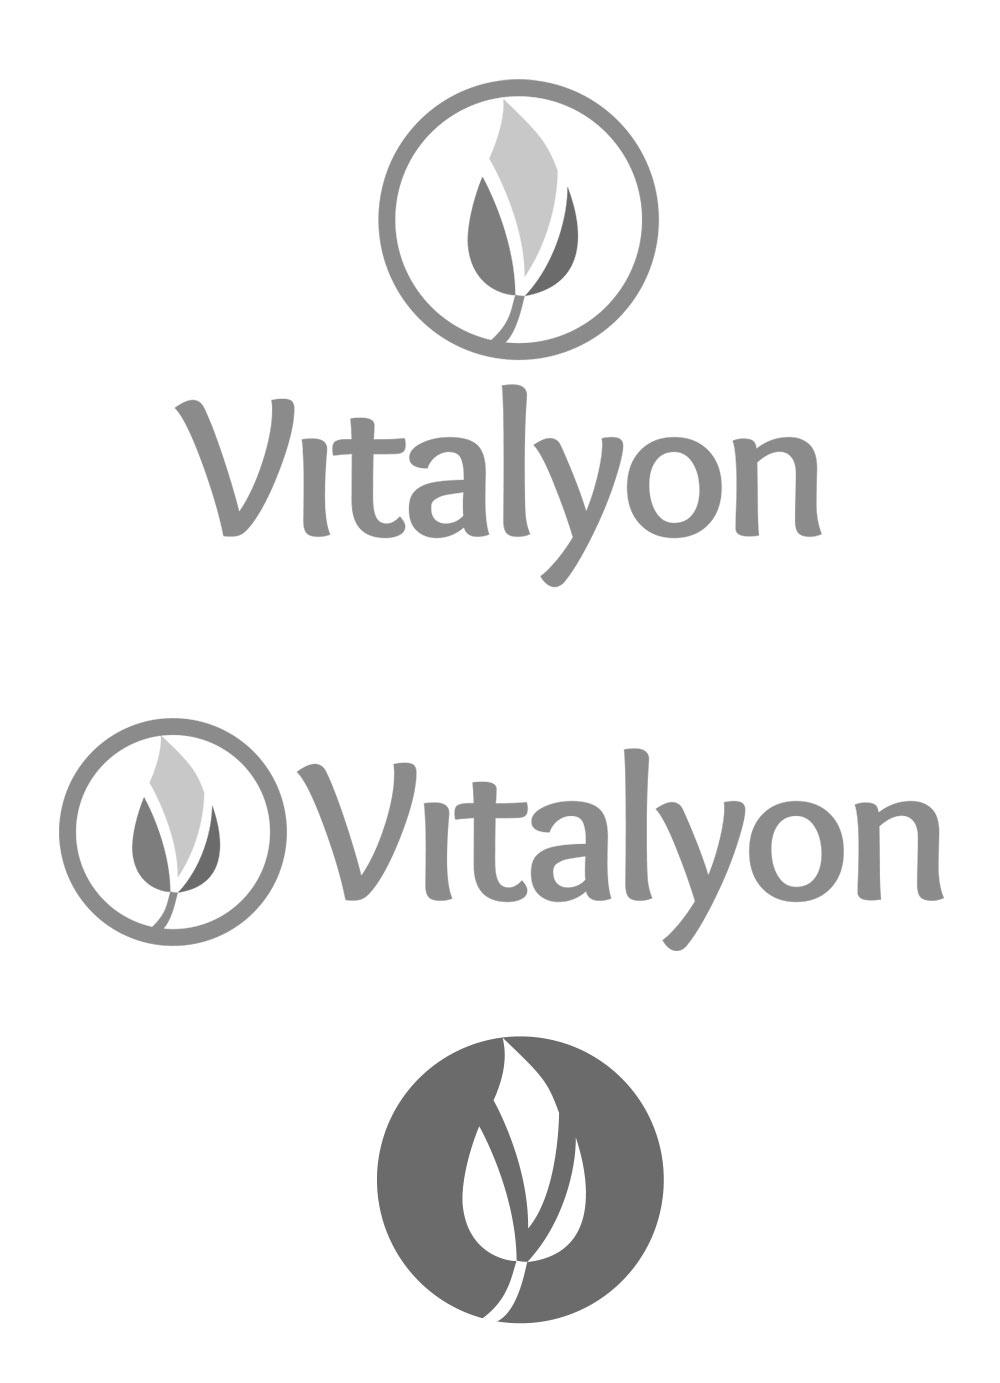 Vitalyon Concept 1